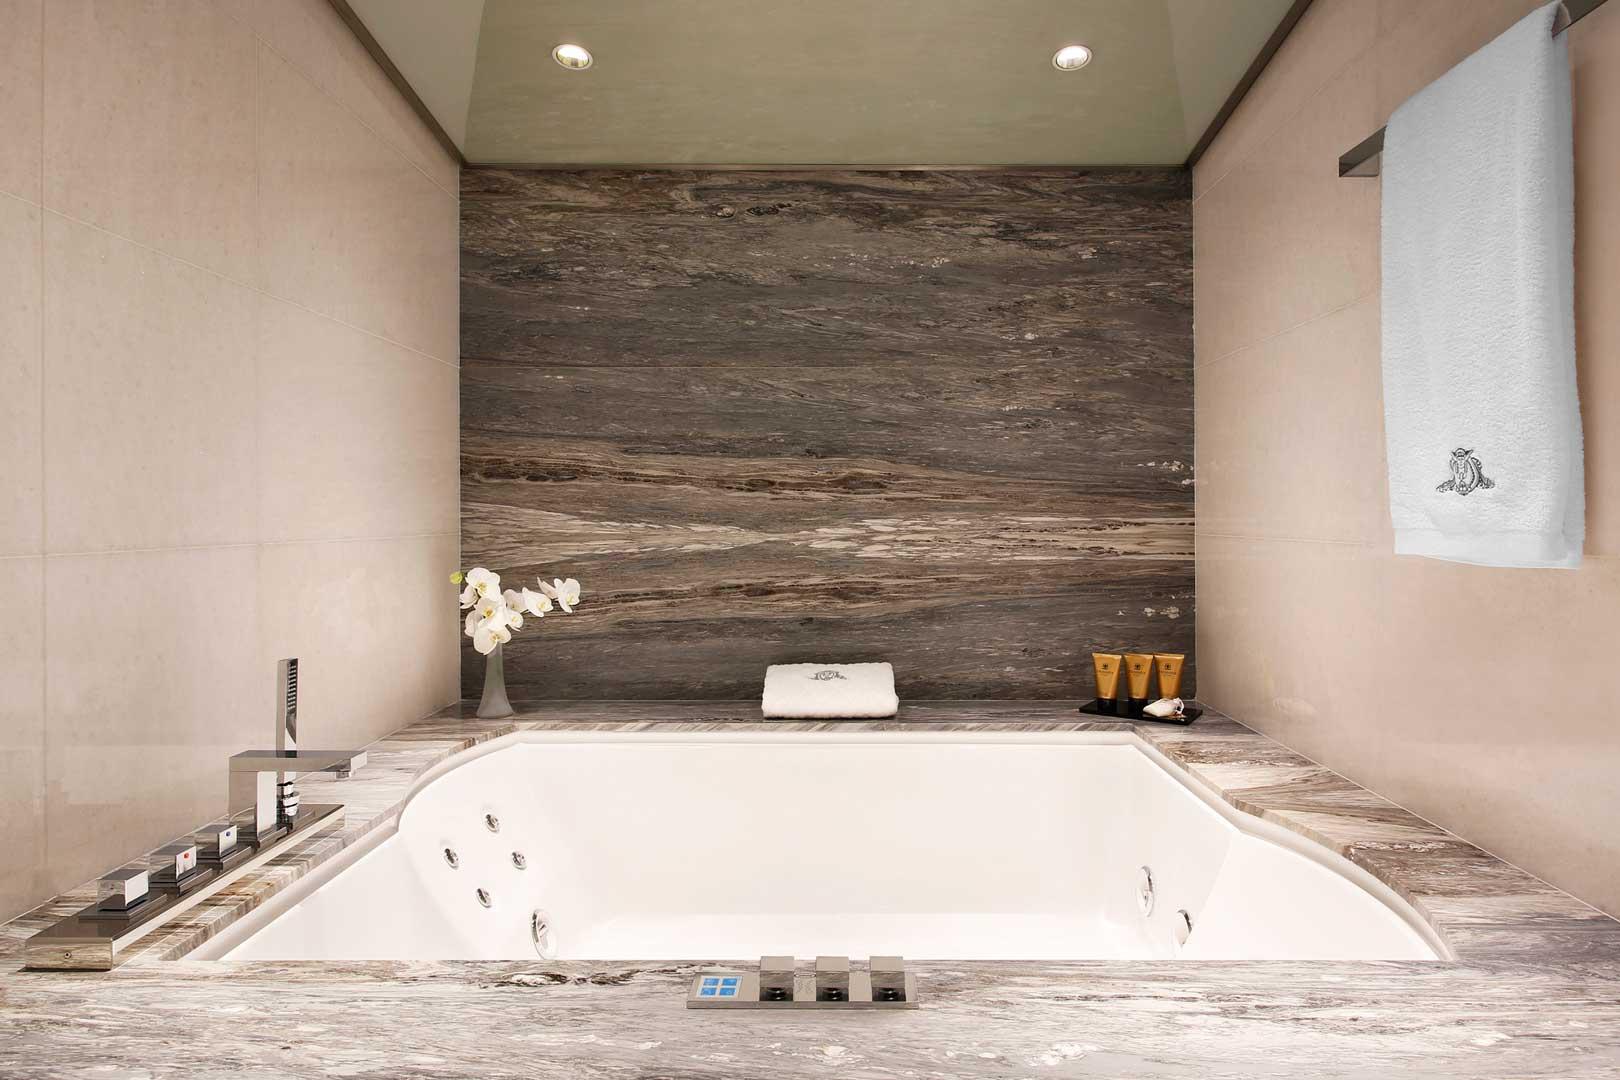 Excelsior Hotel Gallia | Vasca Idromassaggio - Katara Suite